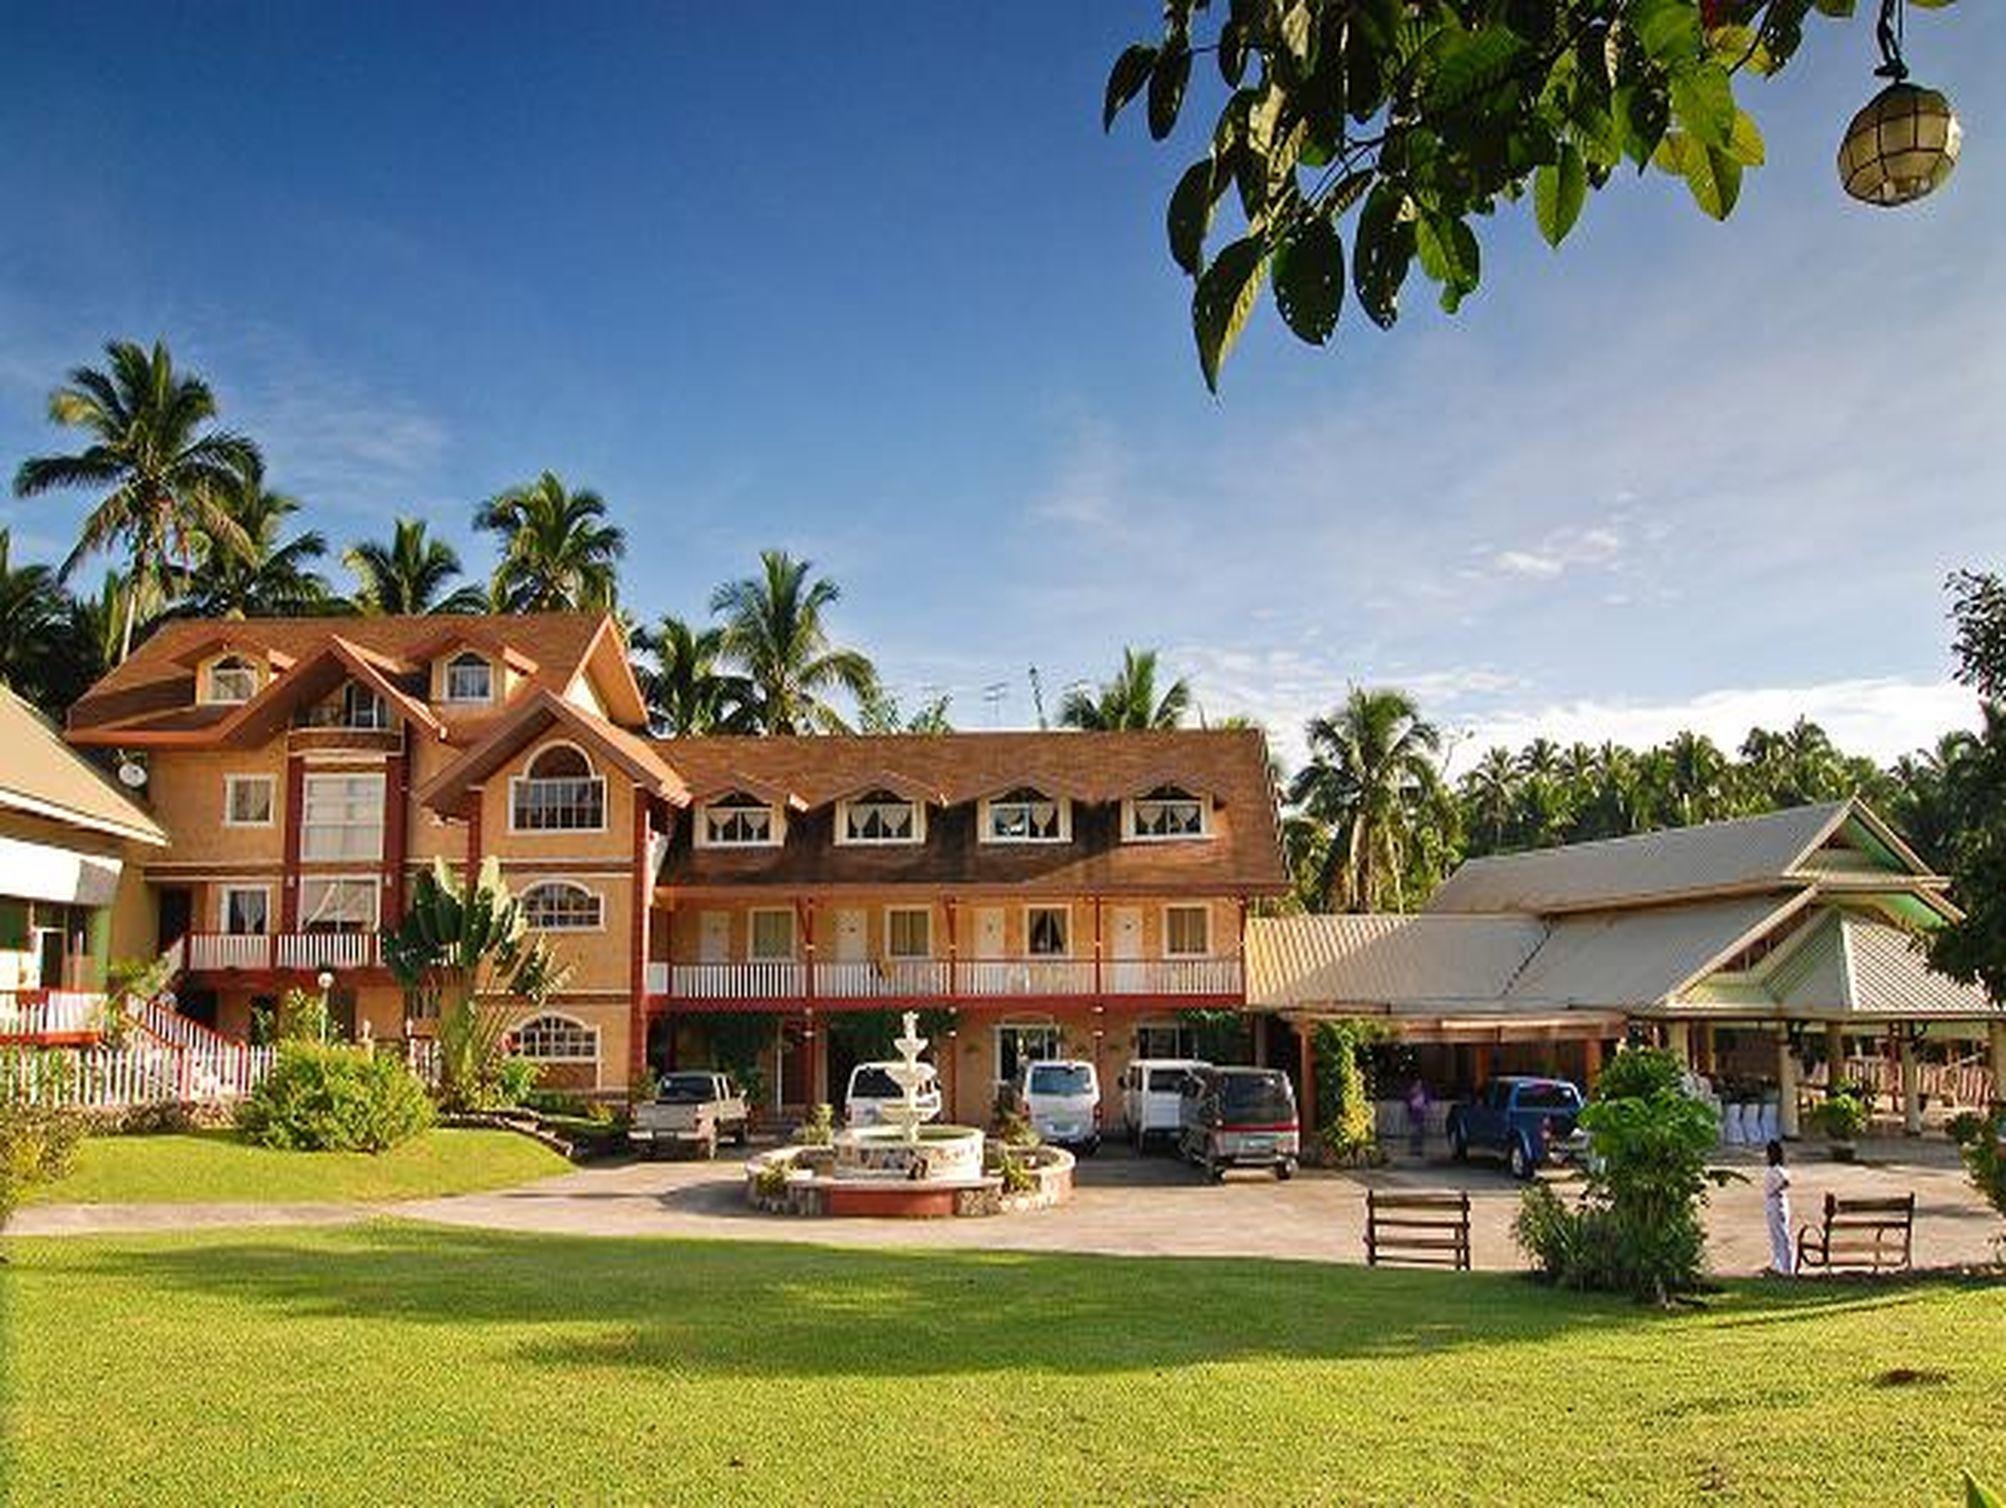 Batis Aramin Resort And Hotel Corp.